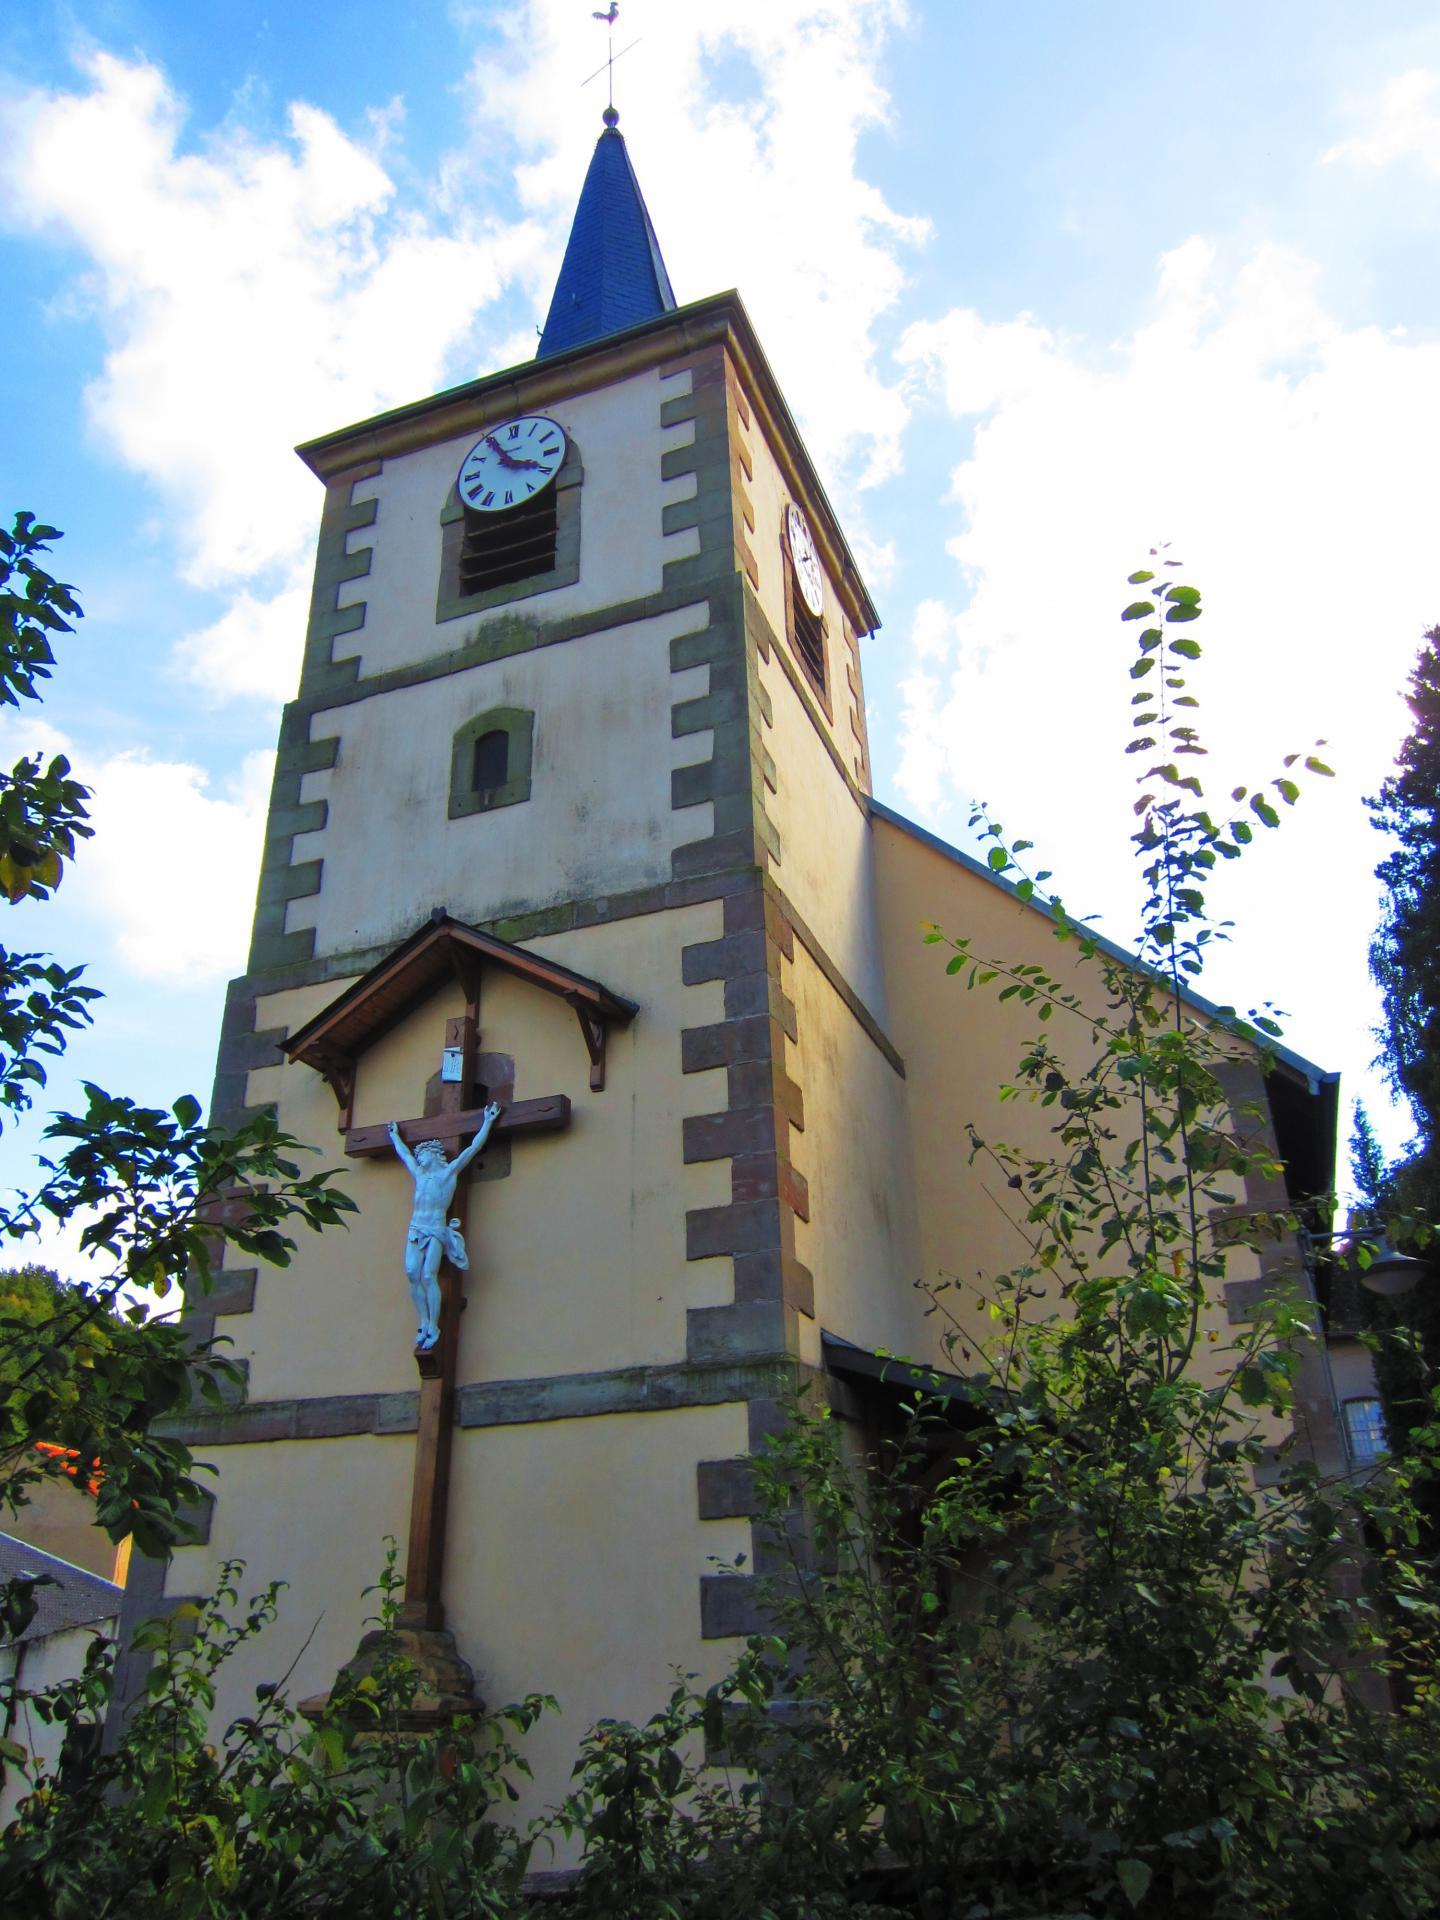 Eglise bisten lorraine 2